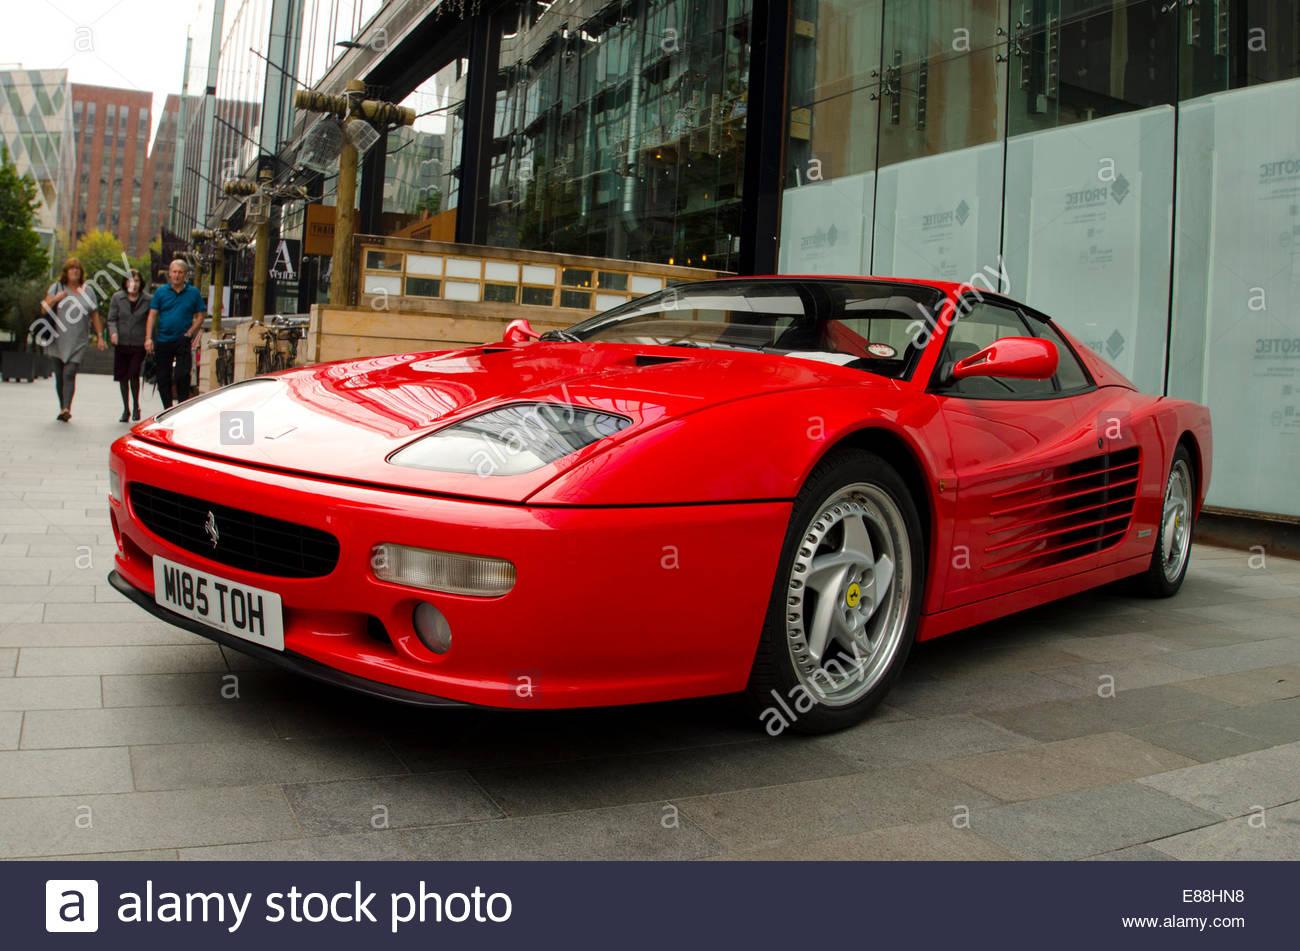 Ferrari F512m Stock Photos & Ferrari F512m Stock Images - Alamy